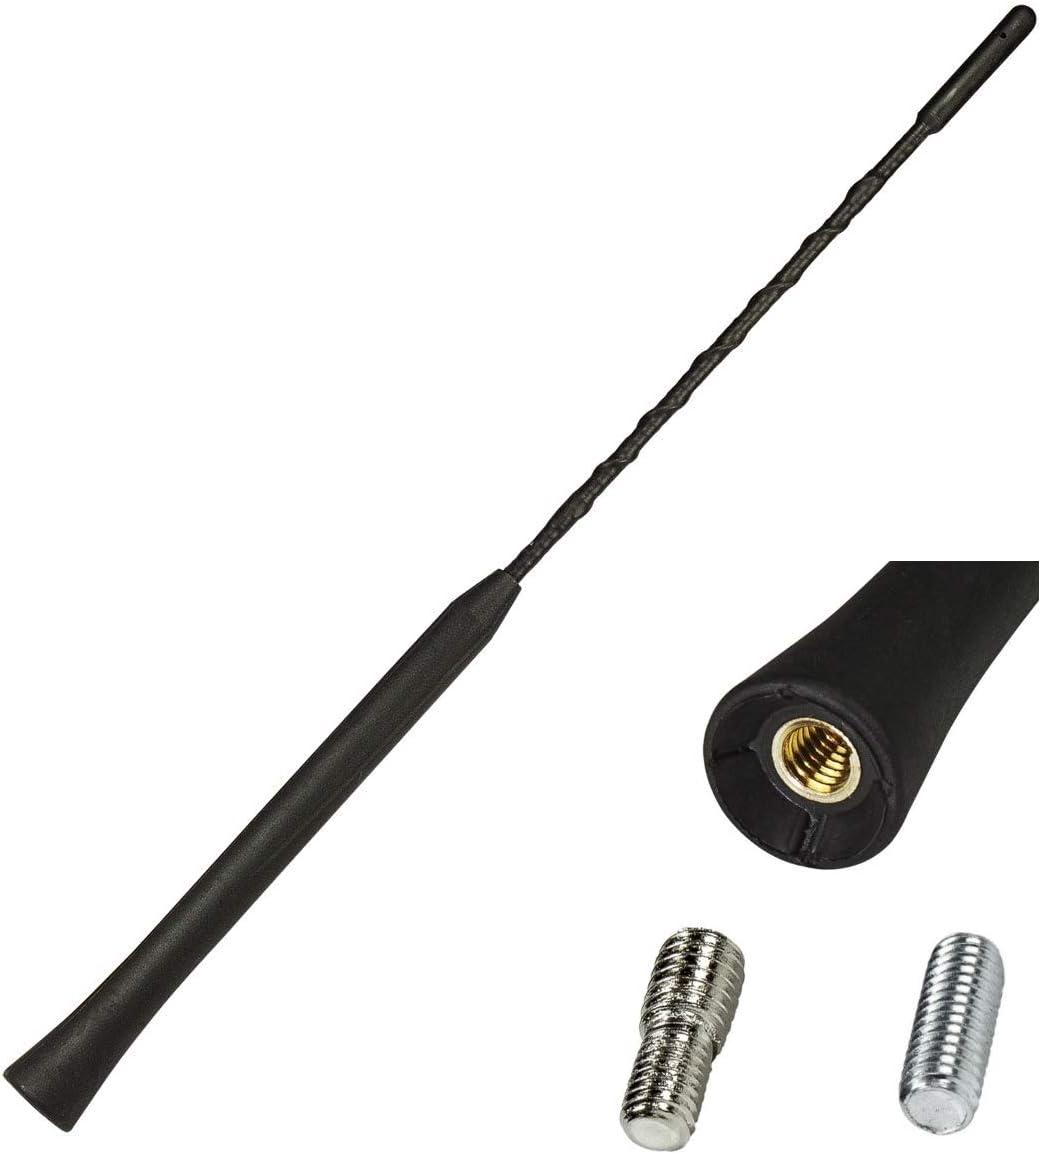 tomzz Audio 1200-002 Universal 16v Barra Corta Barra de Repuesto Antena Barra de Repuesto radiador Corto 28 cm (m5 m6), Anti Ruido, Adecuado para ...